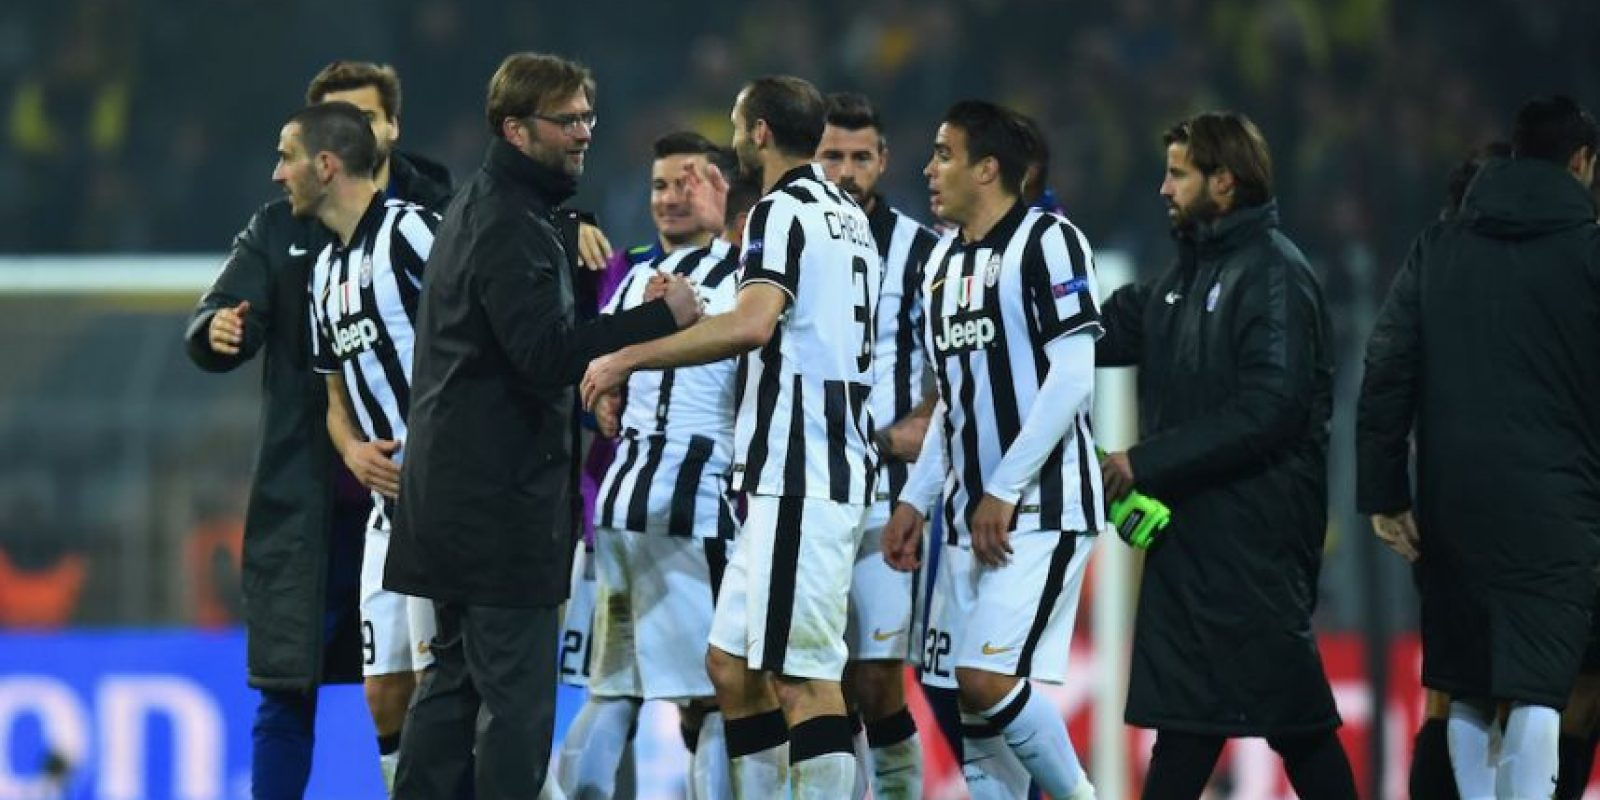 Juventus de Italia avanzó a cuartos de final por marcador global de cinco goles a uno. Foto:Getty Images